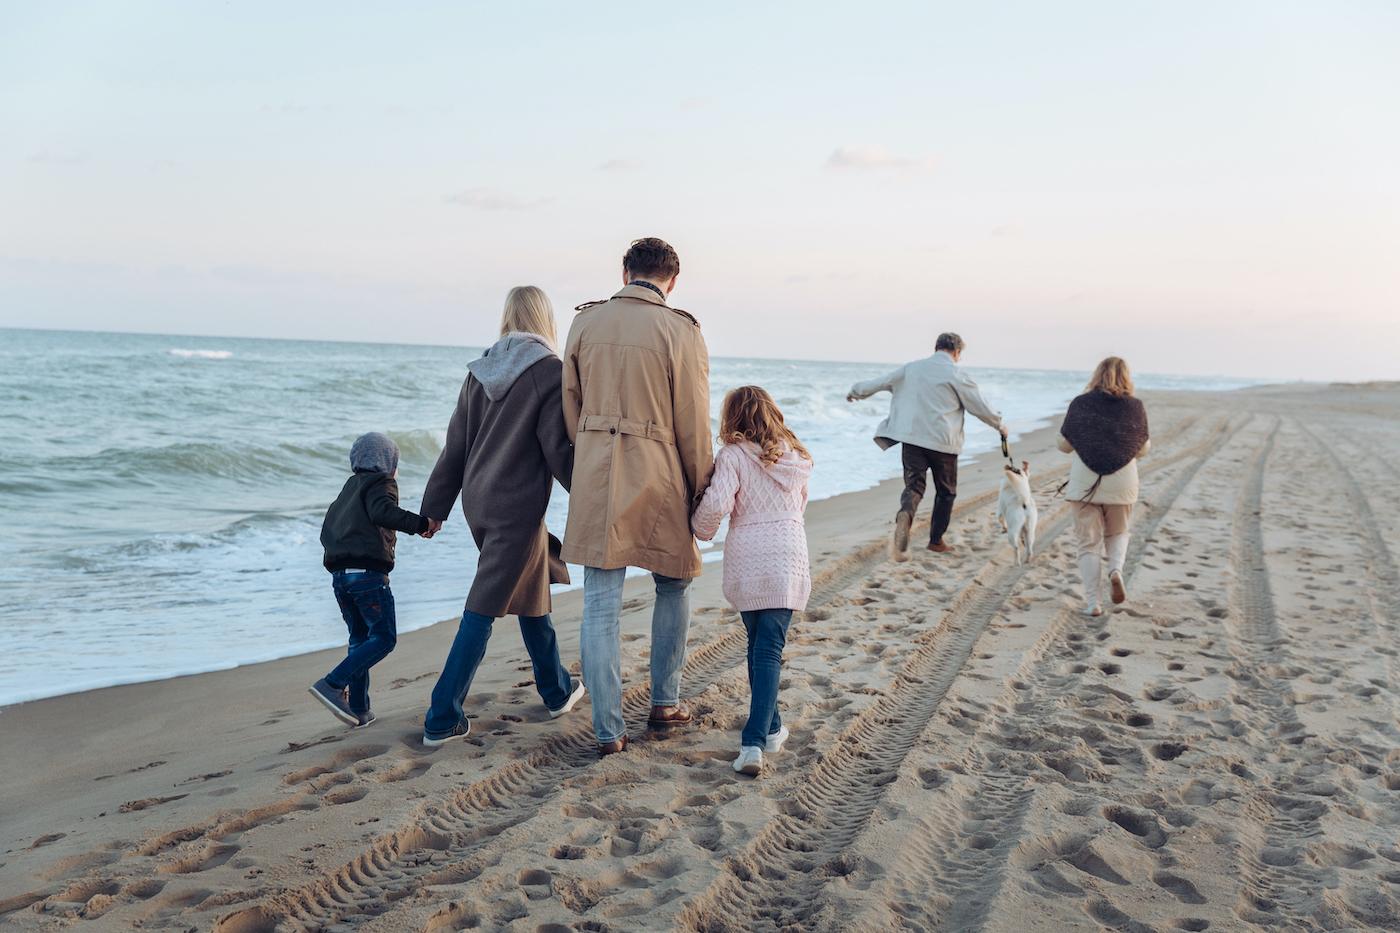 Eine Vierköpfige Familie läuft an einem Strand entlang und vor Ihnen ein Pärchen mit einem Hund